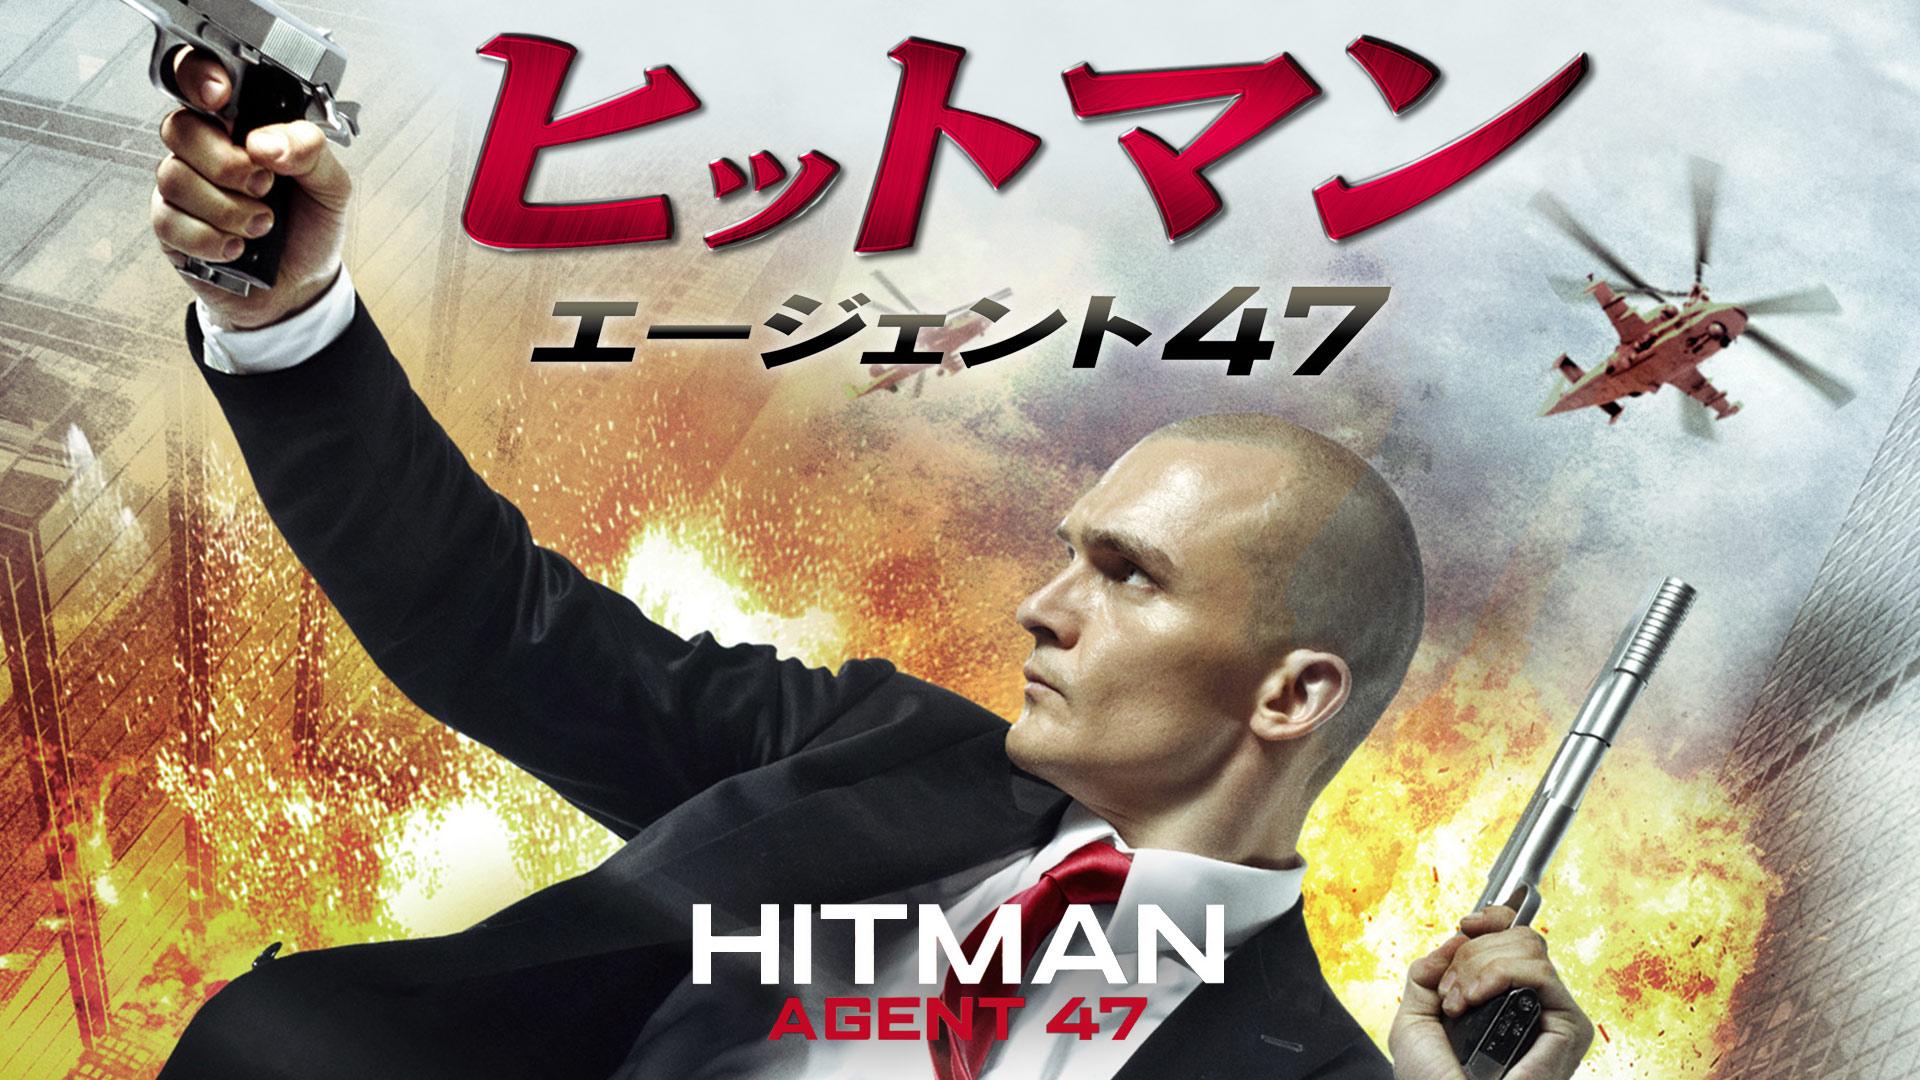 ヒットマン:エージェント47 (吹替版)